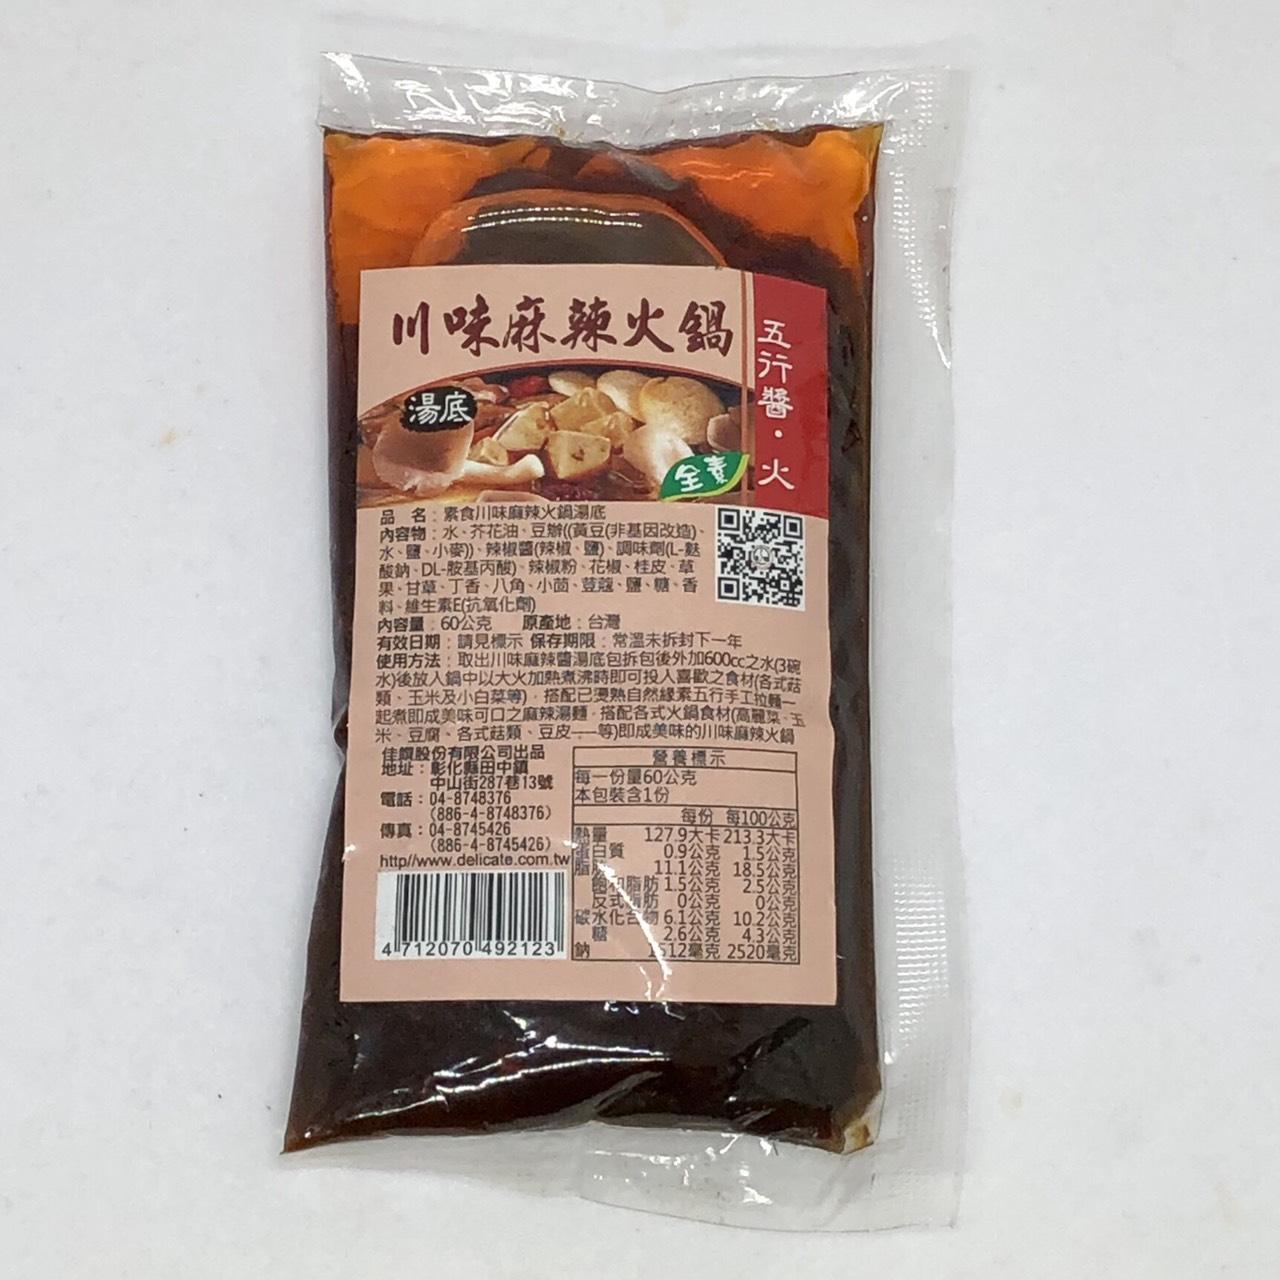 (佳饌)素食川味麻辣火鍋湯底60g(全素)